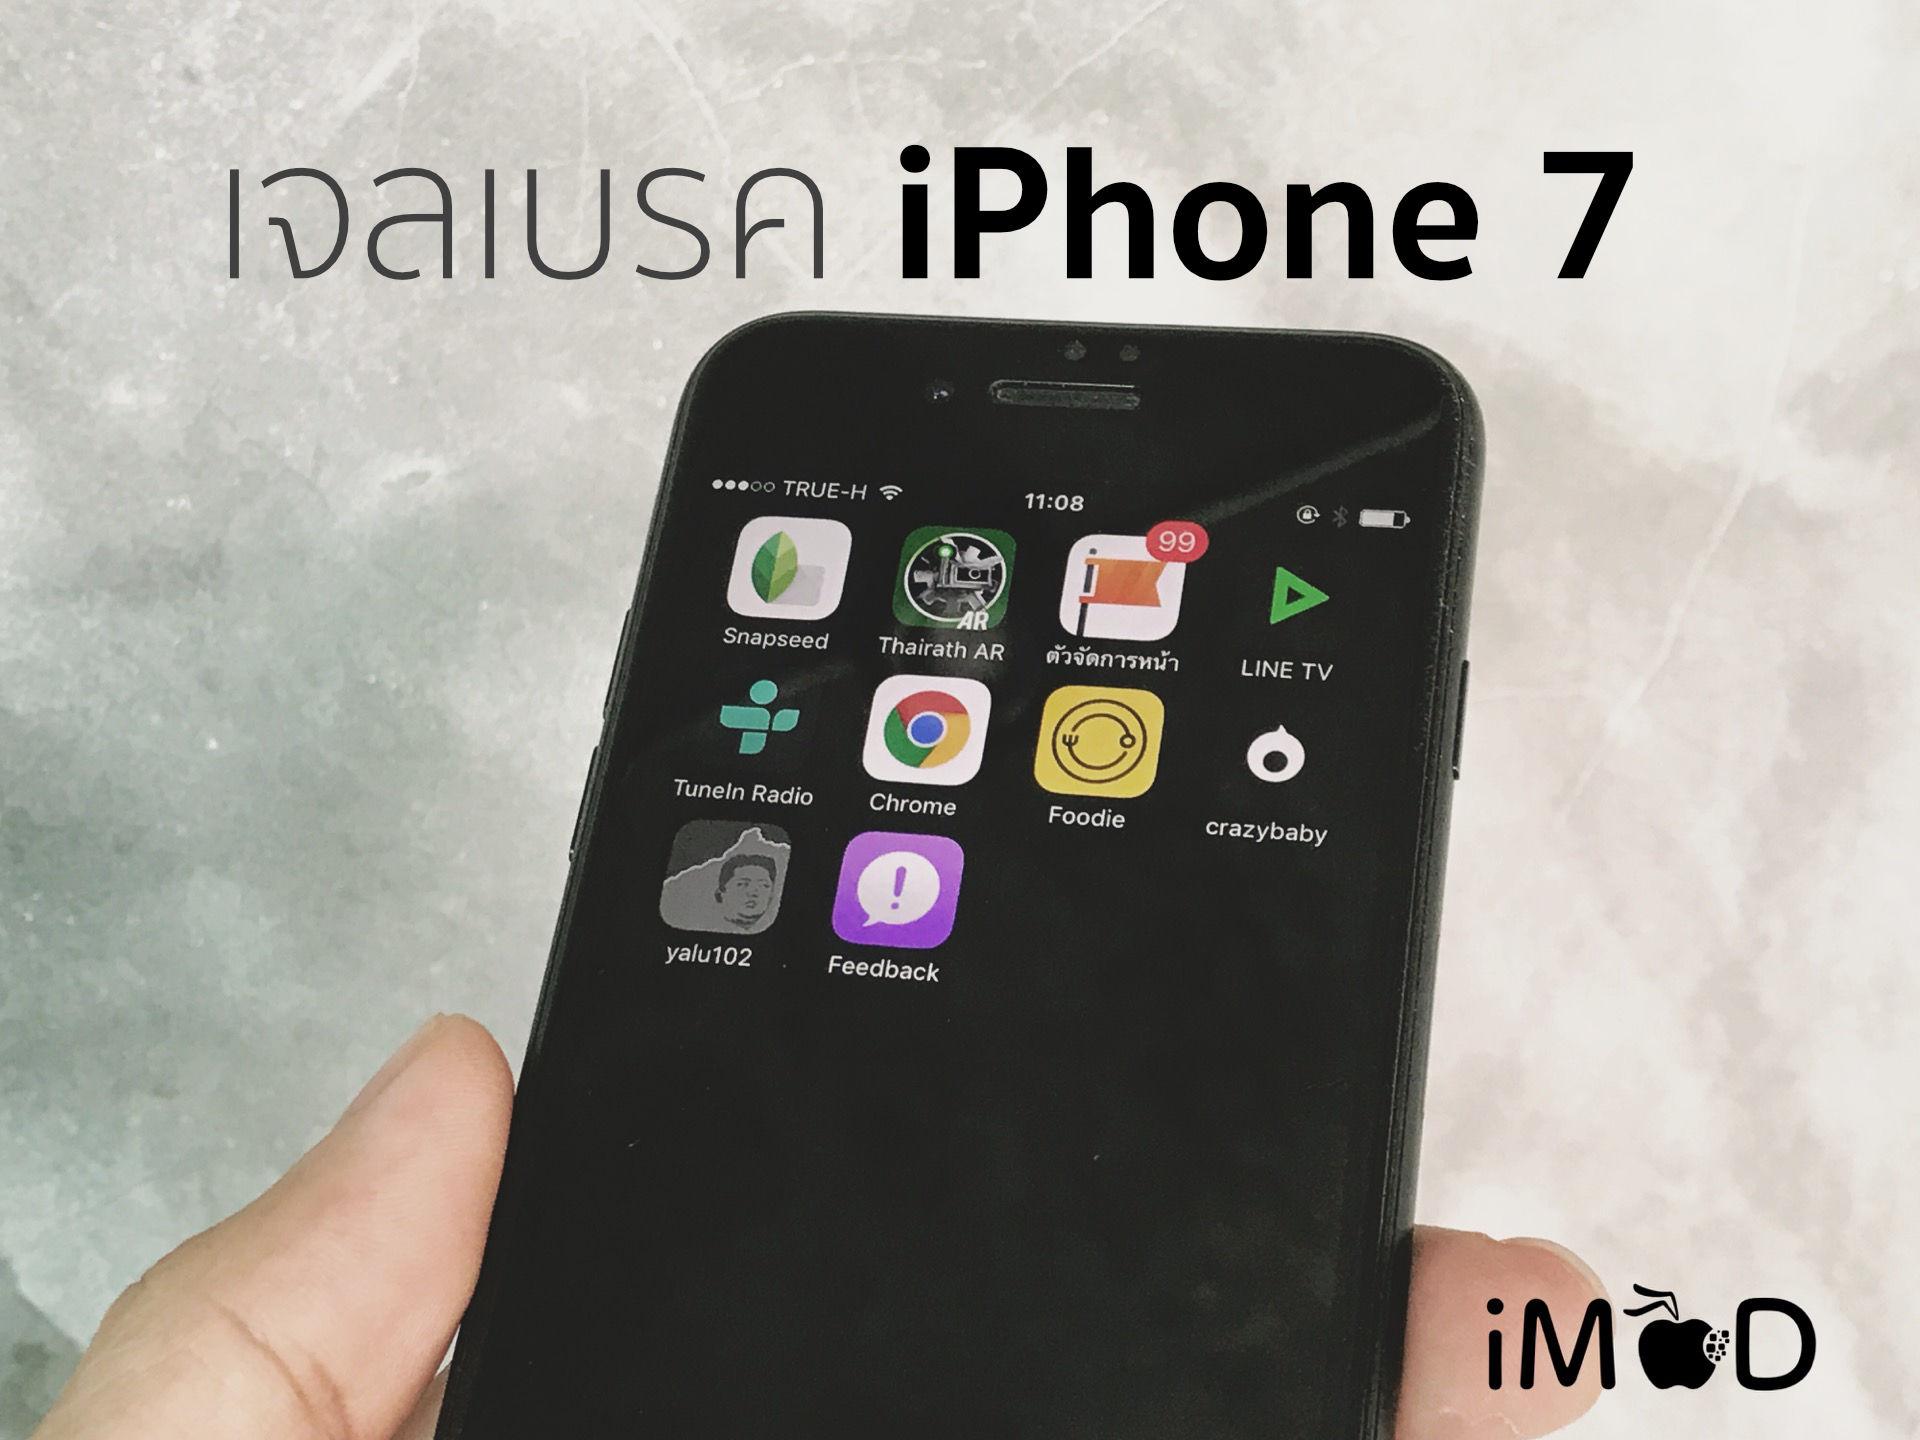 รวมเจลเบรค iPhone, iPad, iPod touch (Jailbreak iPhone